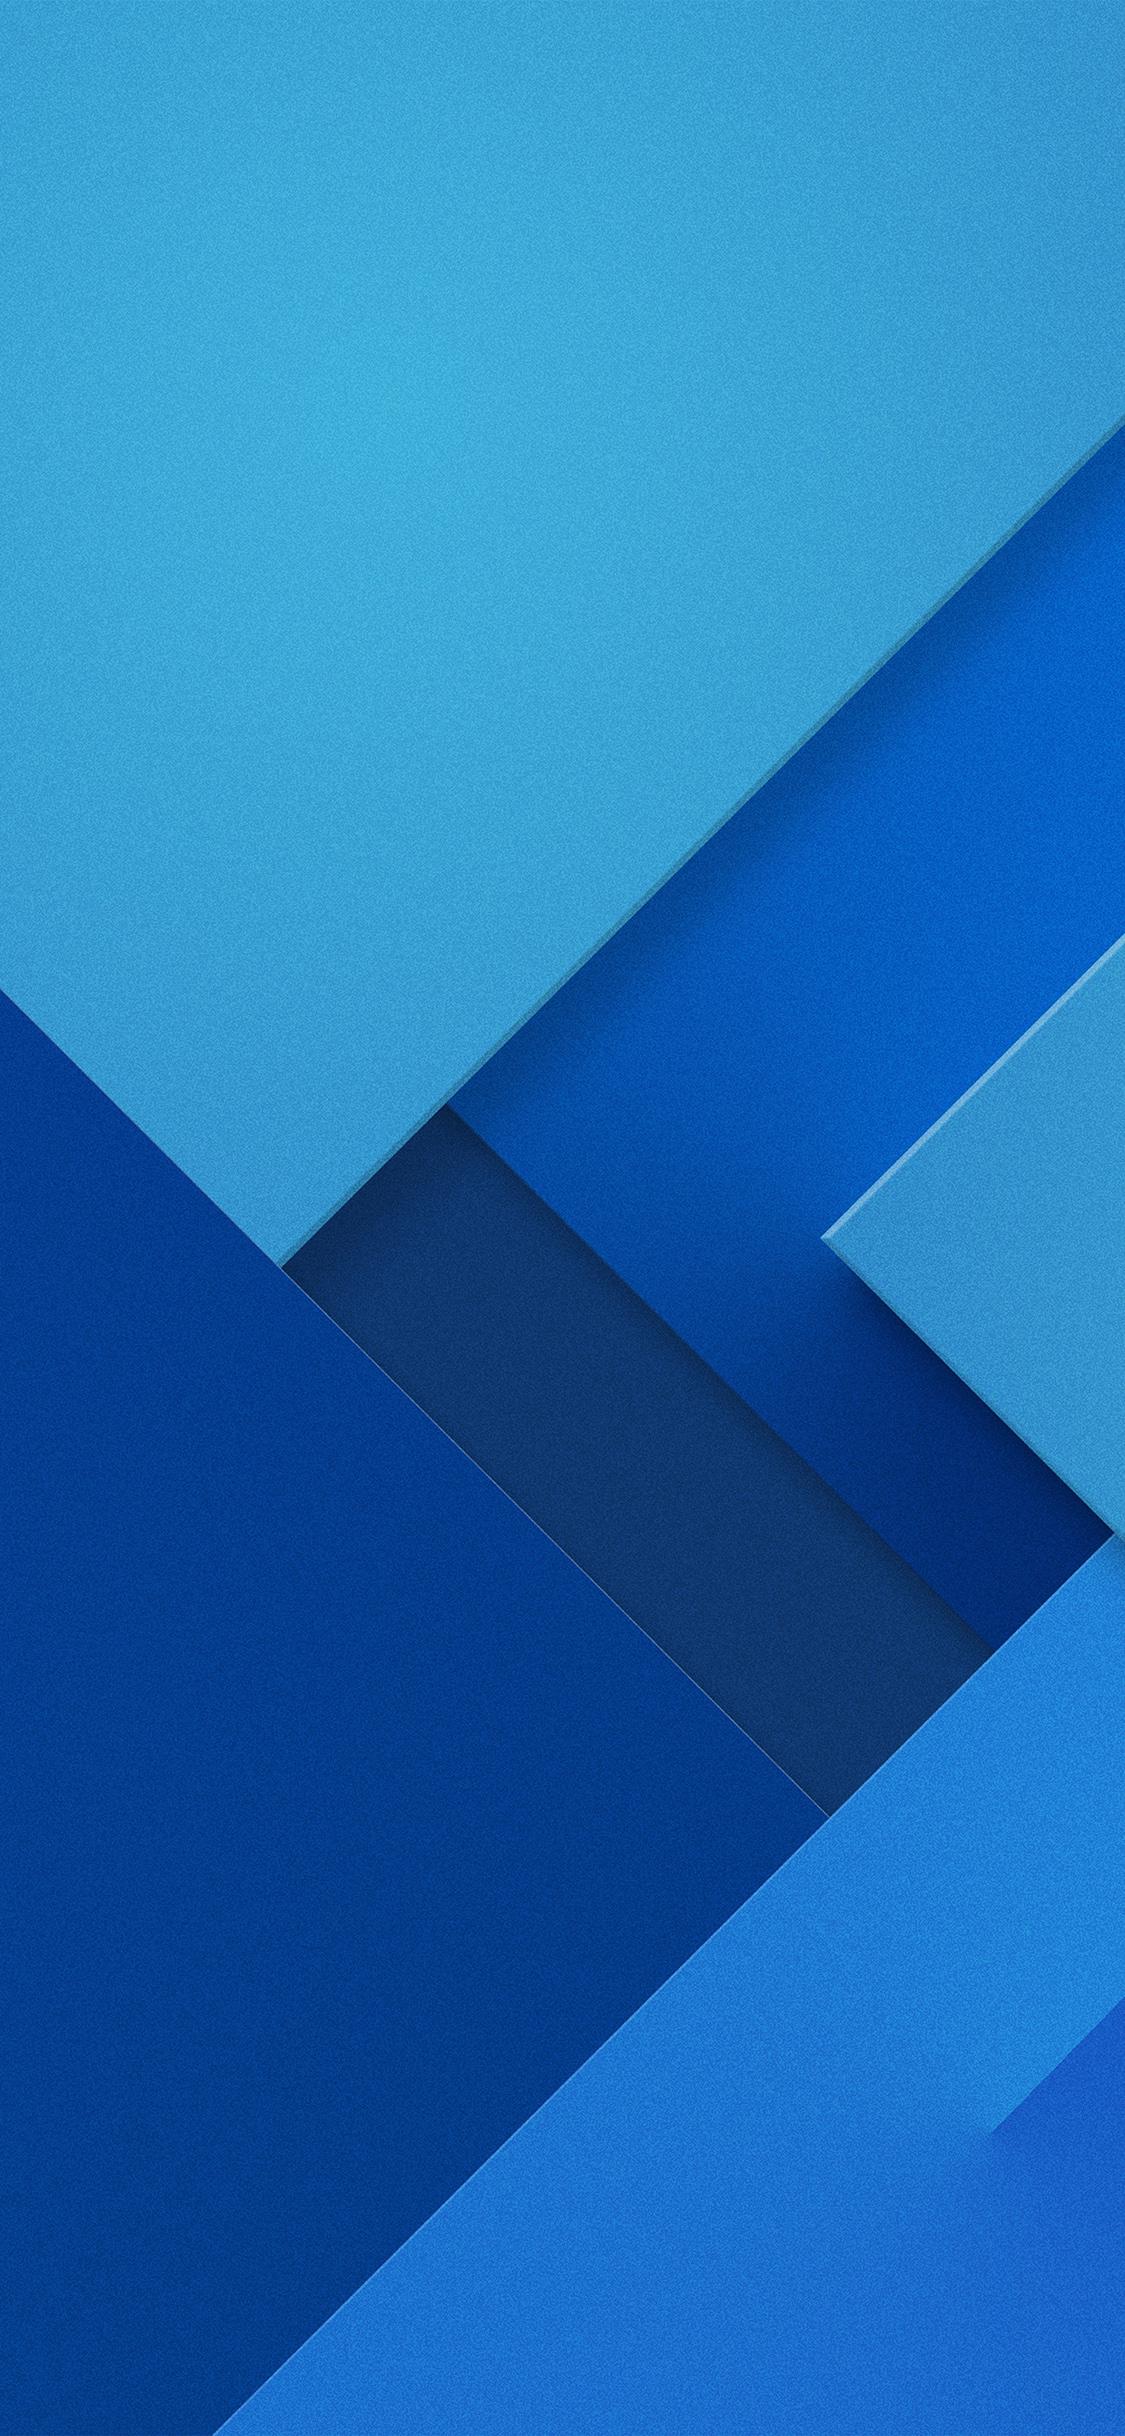 Hình nền Samsung không gian góc cạnh màu xanh